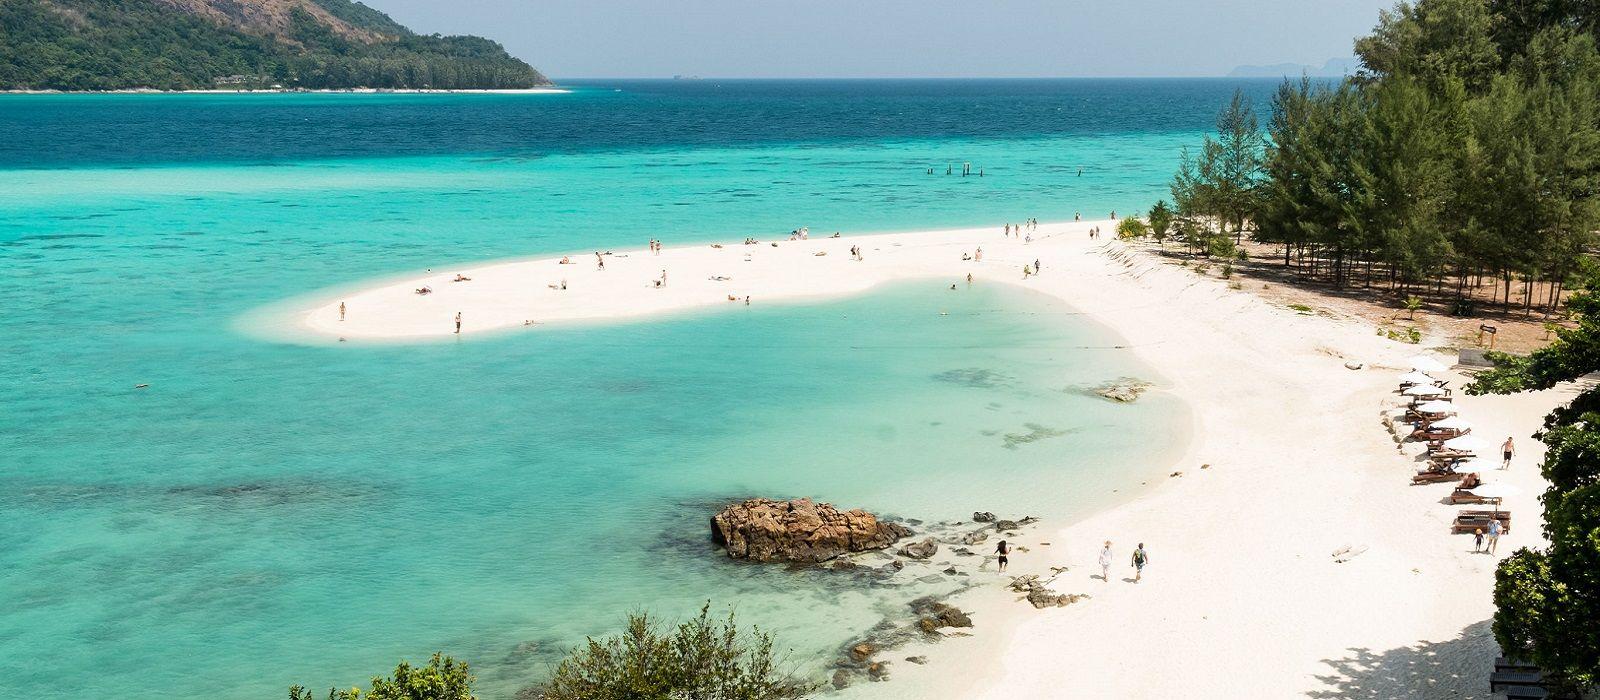 Thailand Beaches -Enchanting Travels Thailand Tours Koh Samui beach